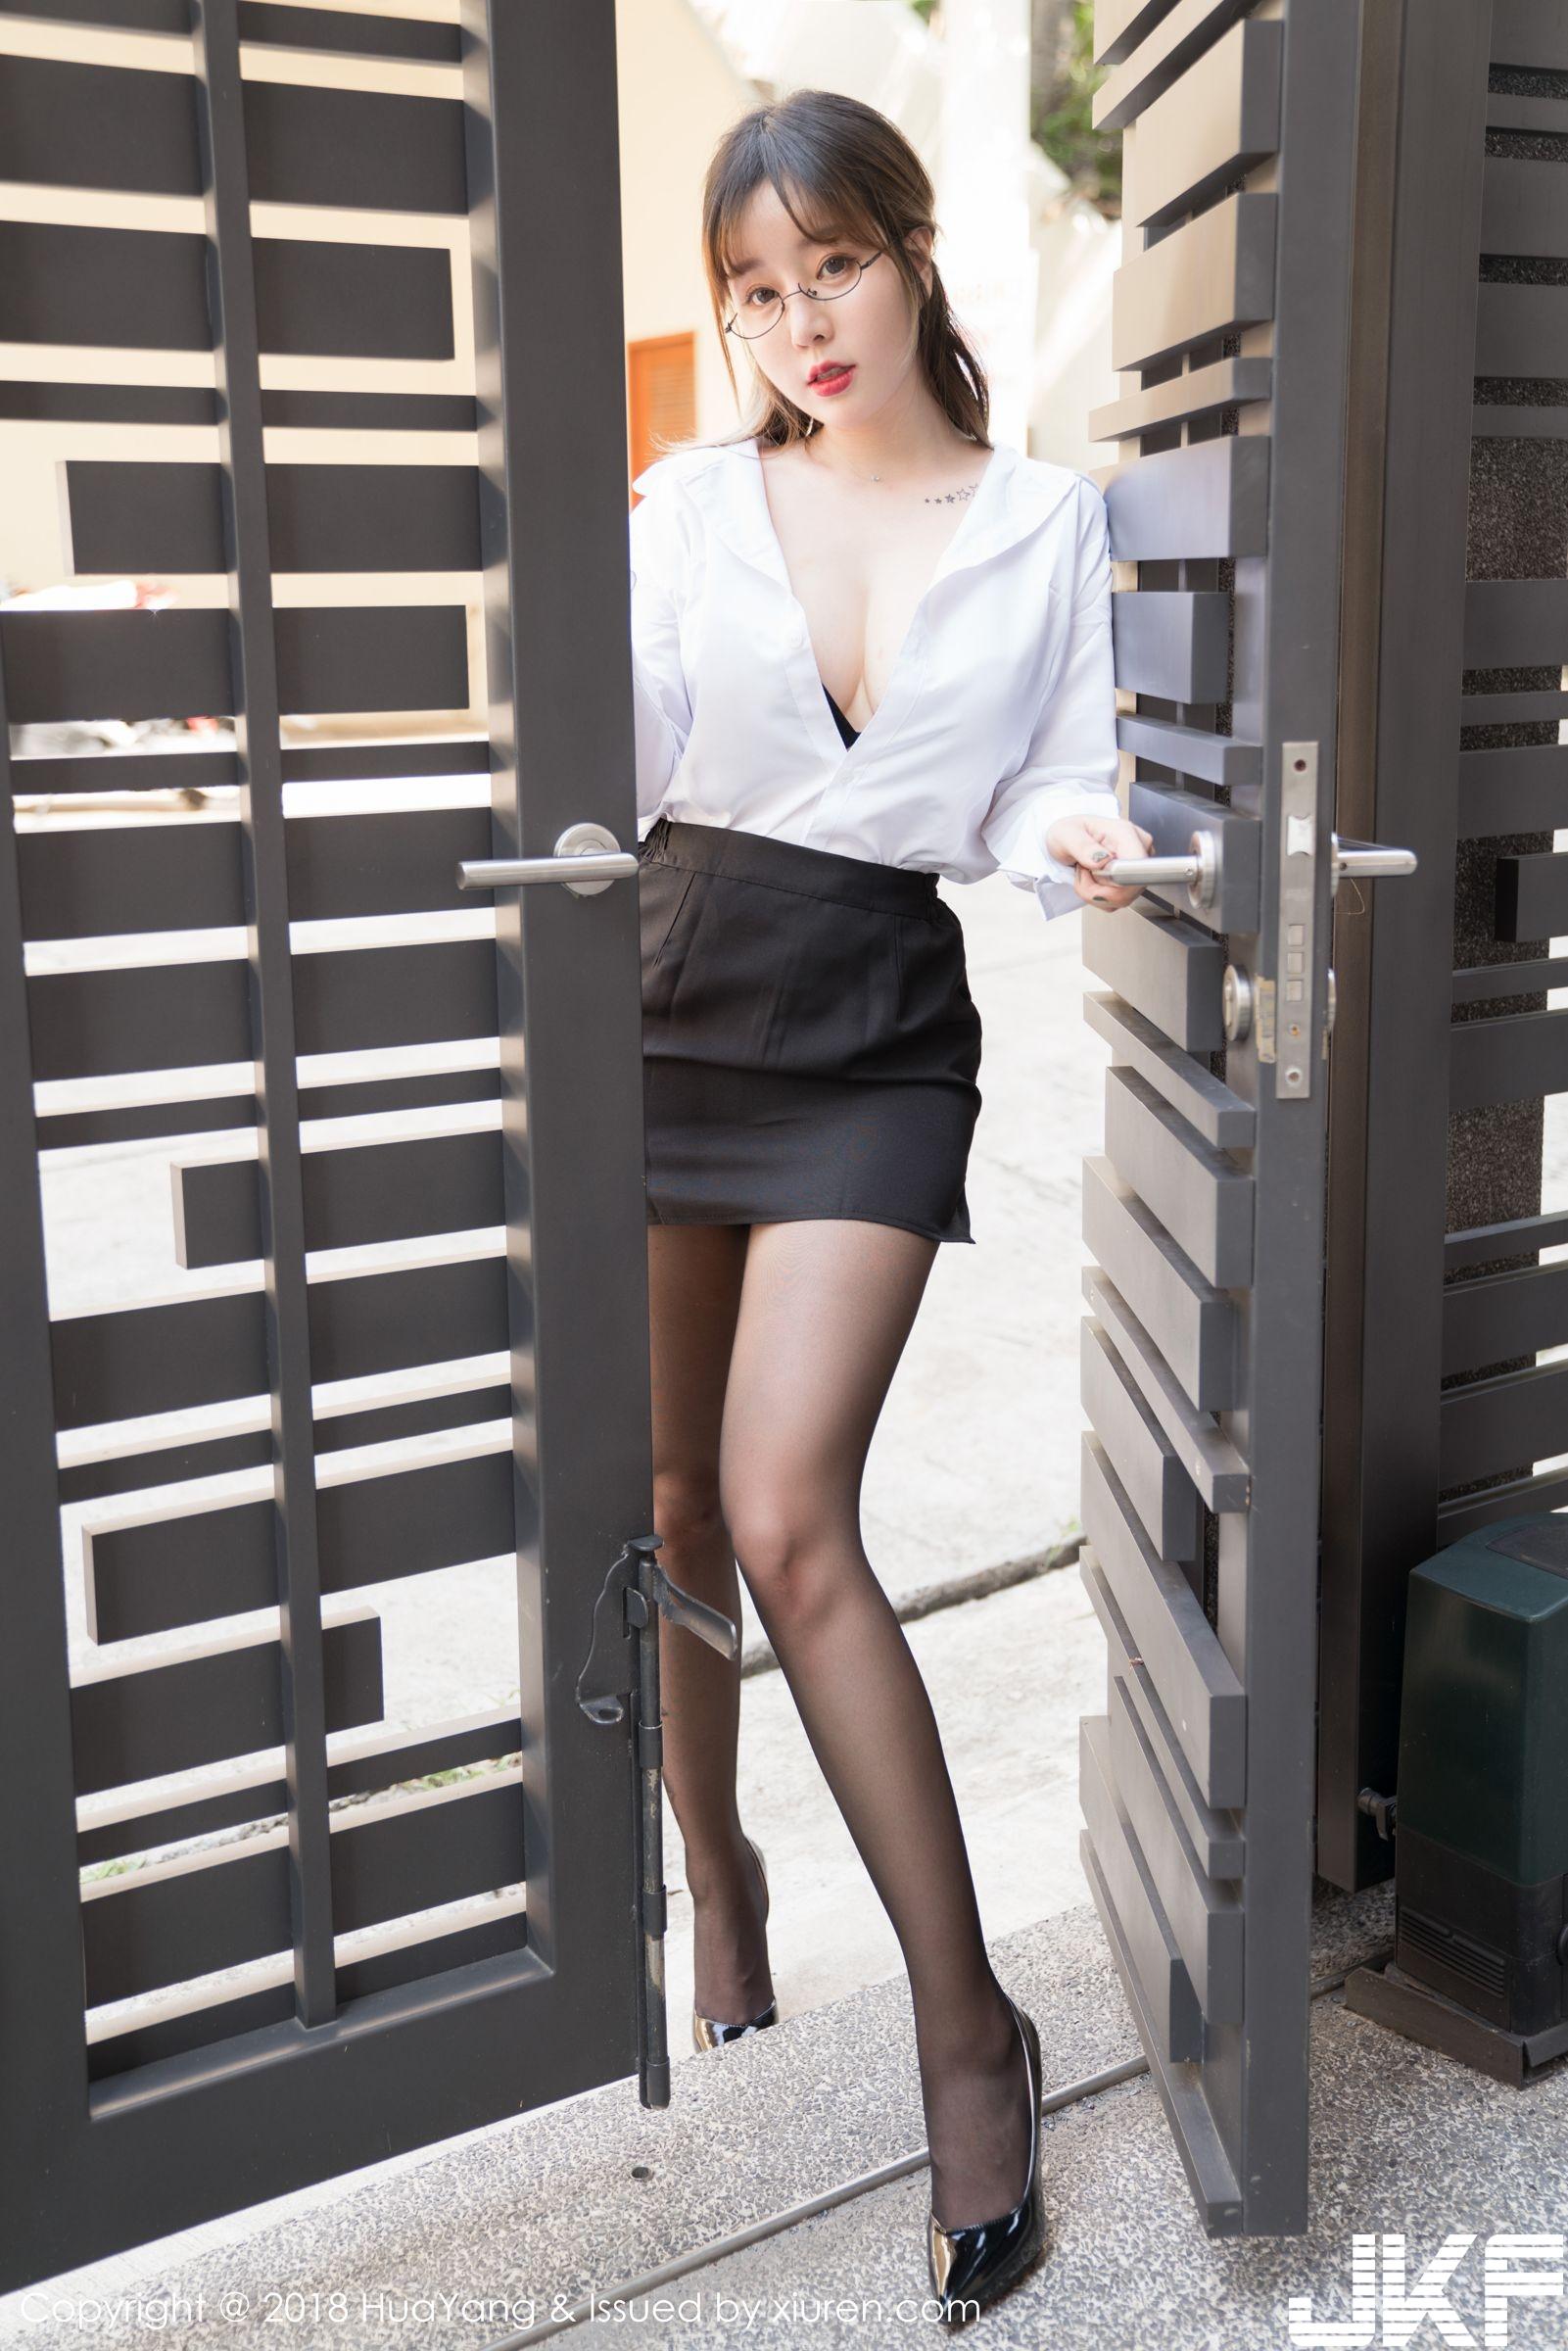 黑絲女神王雨純 職業OL裝戴眼鏡 - 貼圖 - 清涼寫真 -